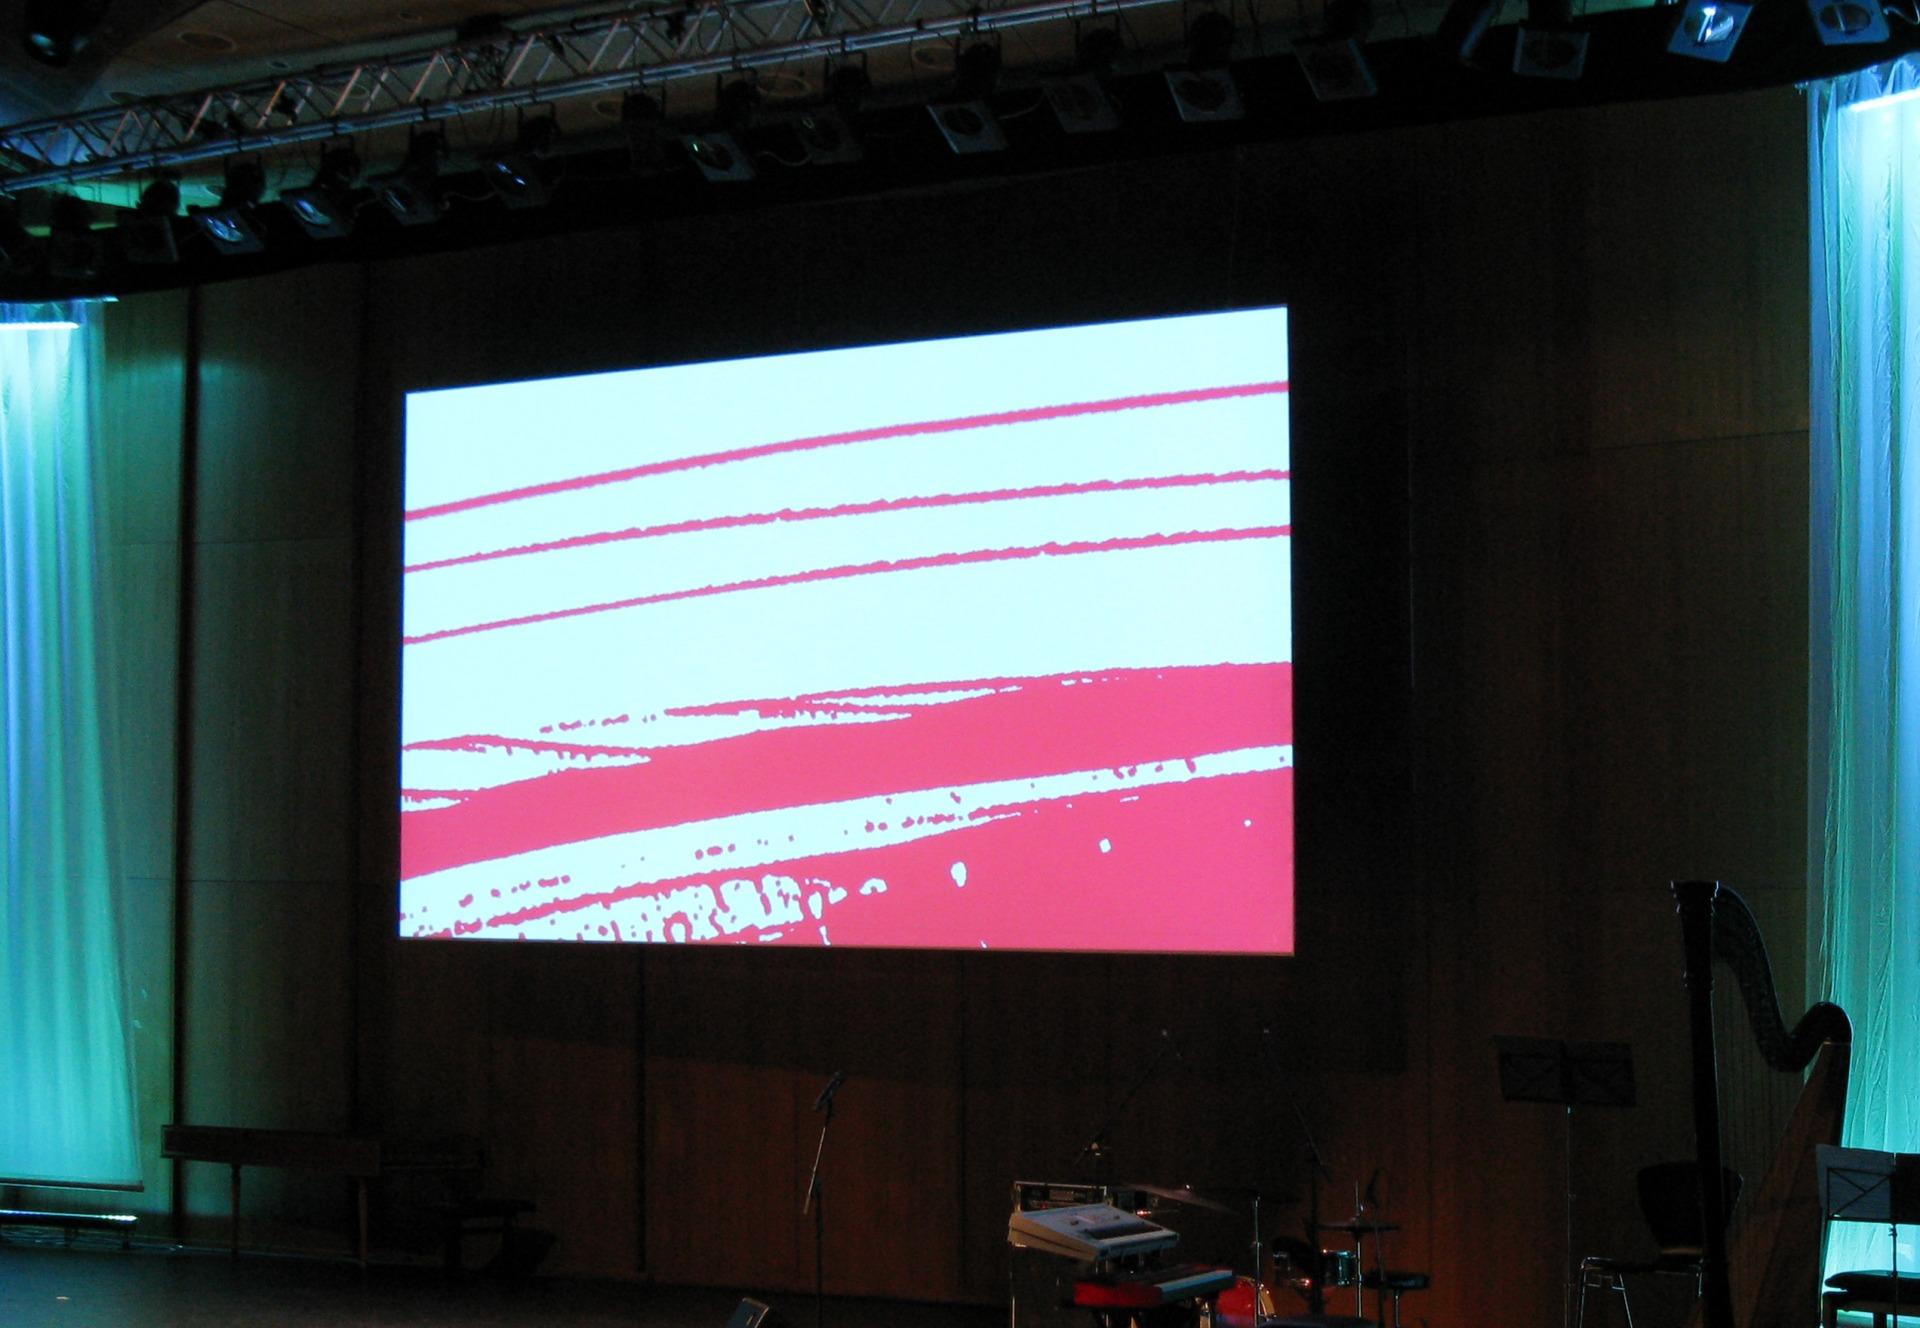 Bühnenanimation GDV-Versammlung - Typoly